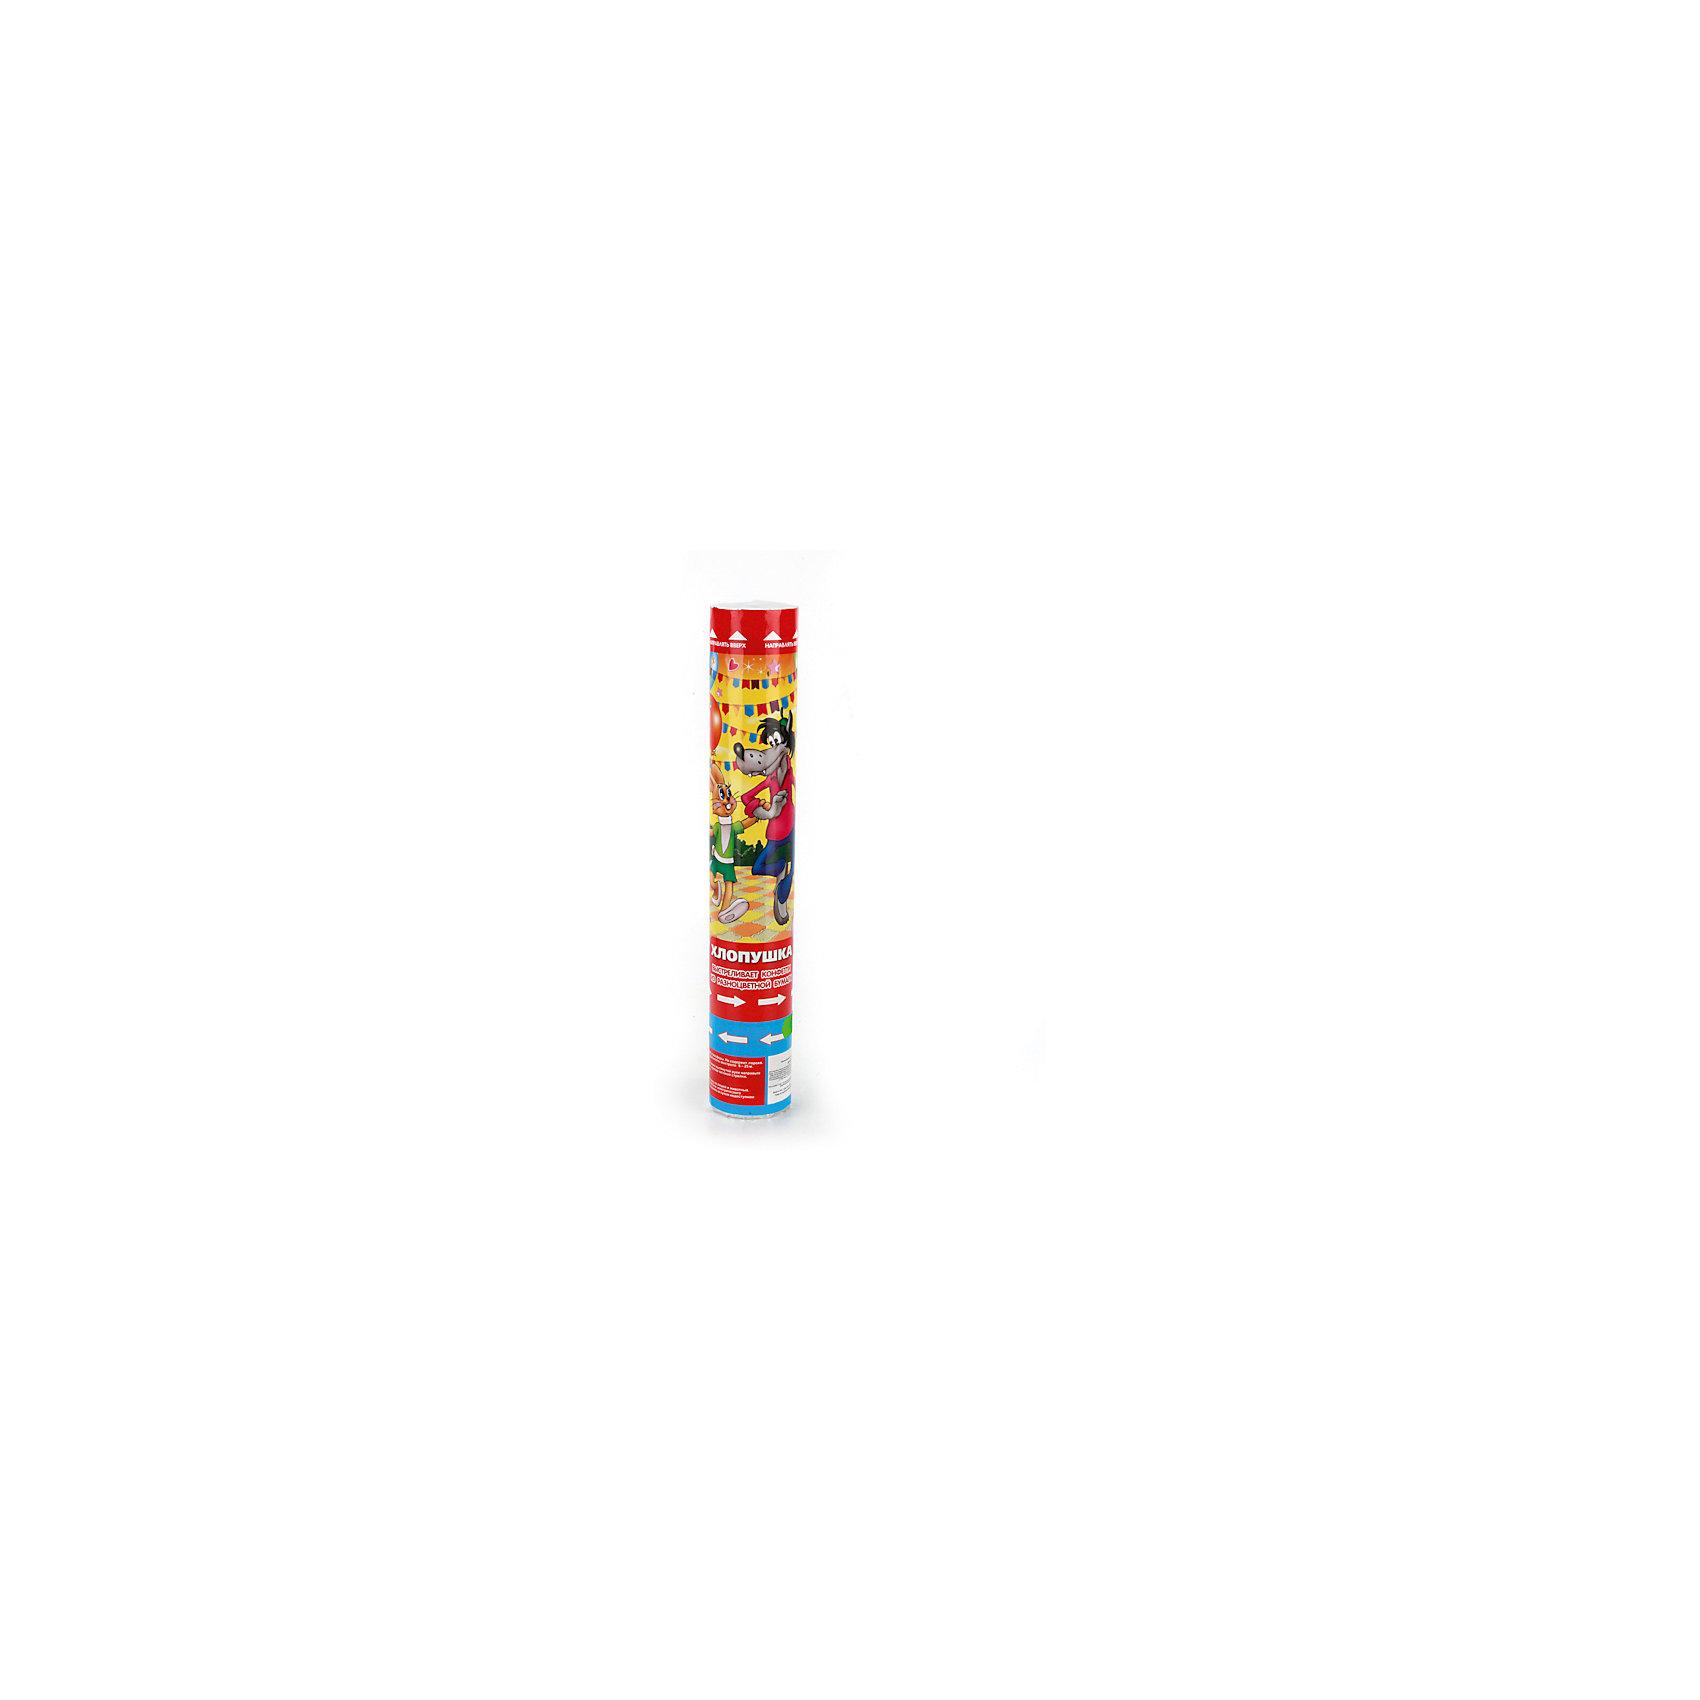 Пневмохлопушка Ну, погоди!, 30 смХарактеристики товара:<br><br>• материал: бумага, пластик<br>• размер упаковки: 30х5х5 см<br>• вес: 150 г<br>• комплектация:1 хлопушка<br>• упаковка: тубус<br>• страна бренда: РФ<br>• страна изготовитель: РФ<br><br>Такая хлопушка станет отличным сюрпризом для детей на праздник! Она отличается тем, что на ней изображены любимые мультяшные герои многих детей. Хлопушка поможет создать праздничное настроение, особенно - в компании детей. Она гораздо безопаснее, чем фейерверки и бенгальские огни. Хлопушка высотой 30 сантиметров выглядит внушительно и нарядно!<br>Хлопушка выпущена в удобном формате. Изделие производится из качественных и проверенных материалов, которые безопасны для детей.<br><br>Пневмохлопушку Ну, погоди!, 30 см, от российского бренда Веселый праздник можно купить в нашем интернет-магазине.<br><br>Ширина мм: 50<br>Глубина мм: 50<br>Высота мм: 300<br>Вес г: 150<br>Возраст от месяцев: 36<br>Возраст до месяцев: 72<br>Пол: Унисекс<br>Возраст: Детский<br>SKU: 5196964